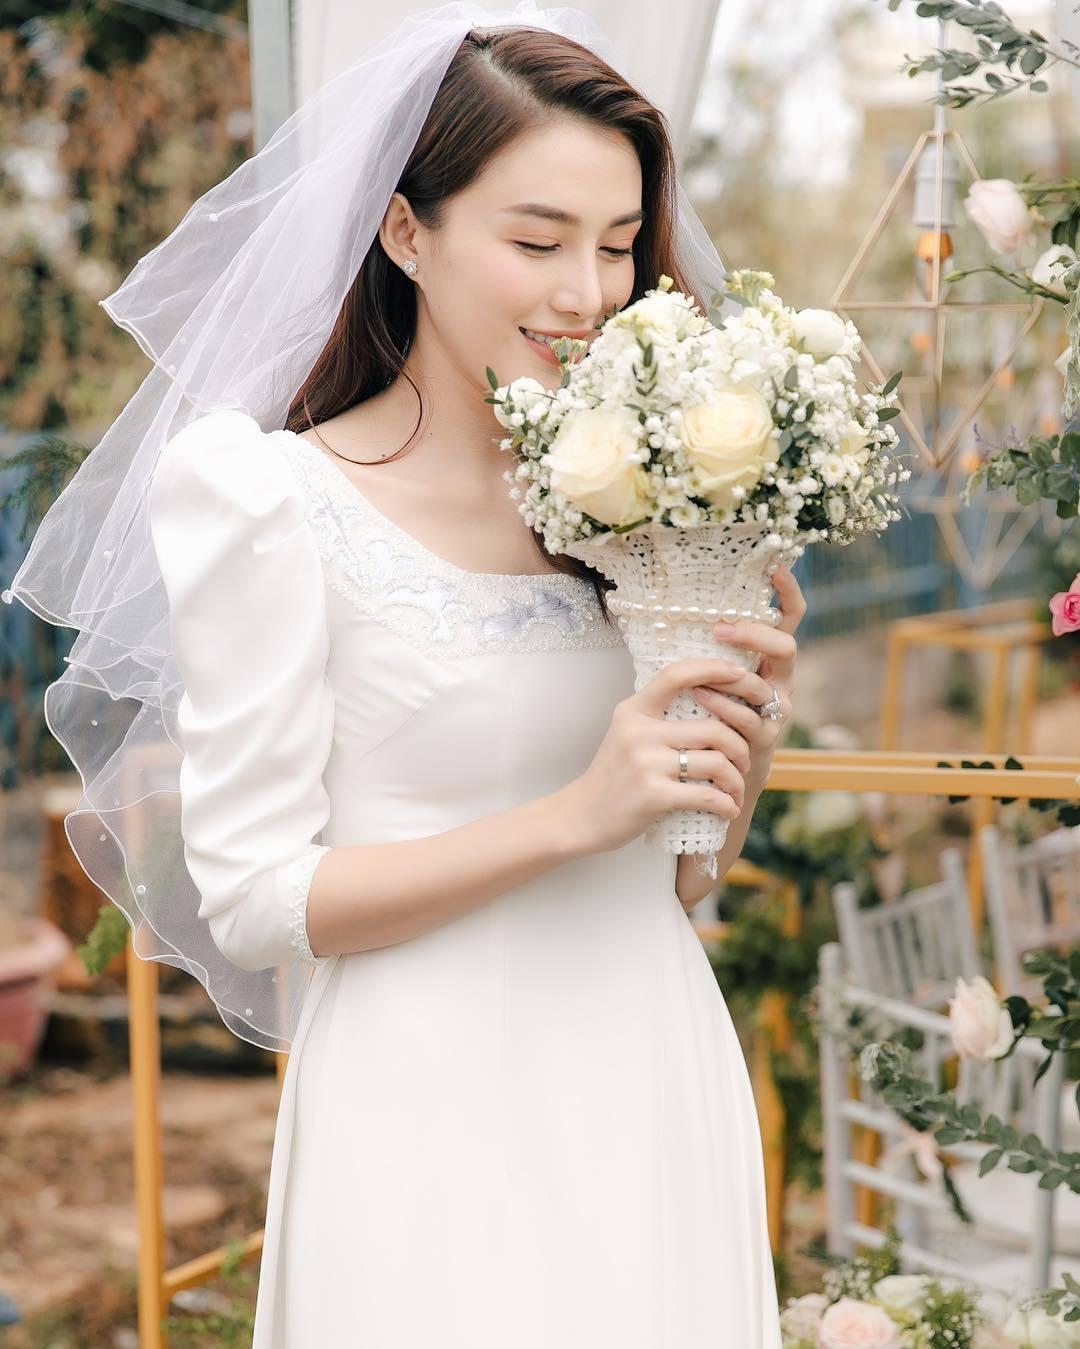 """Người mẫu Lê Hà """"The Face"""" bồi hồi nhớ lại đám cưới của cô được tổ chức vào ngày 30/12 vừa qua. Cô viết: """"Cuộc đời của mỗi chúng ta là một bộ phim""""."""